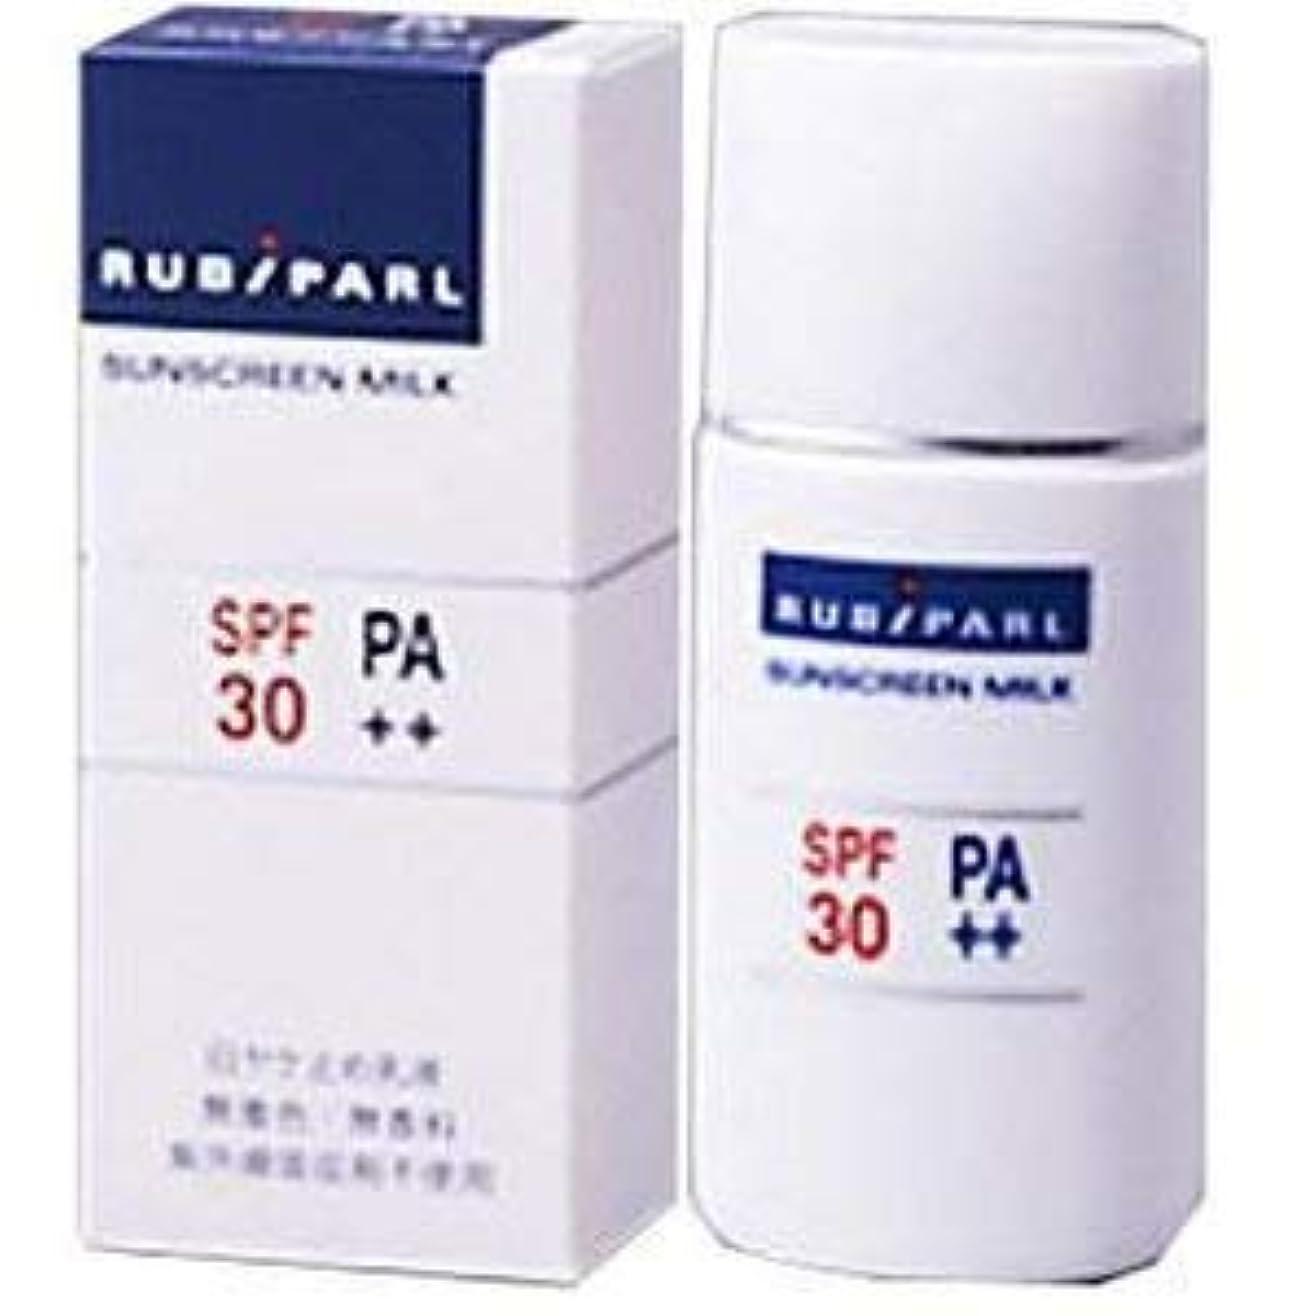 コジオスコ蓮製作ルビパール サンスクリーンミルク 日ヤケ止め乳液 SPF30 PA++ 30mLx3個セット